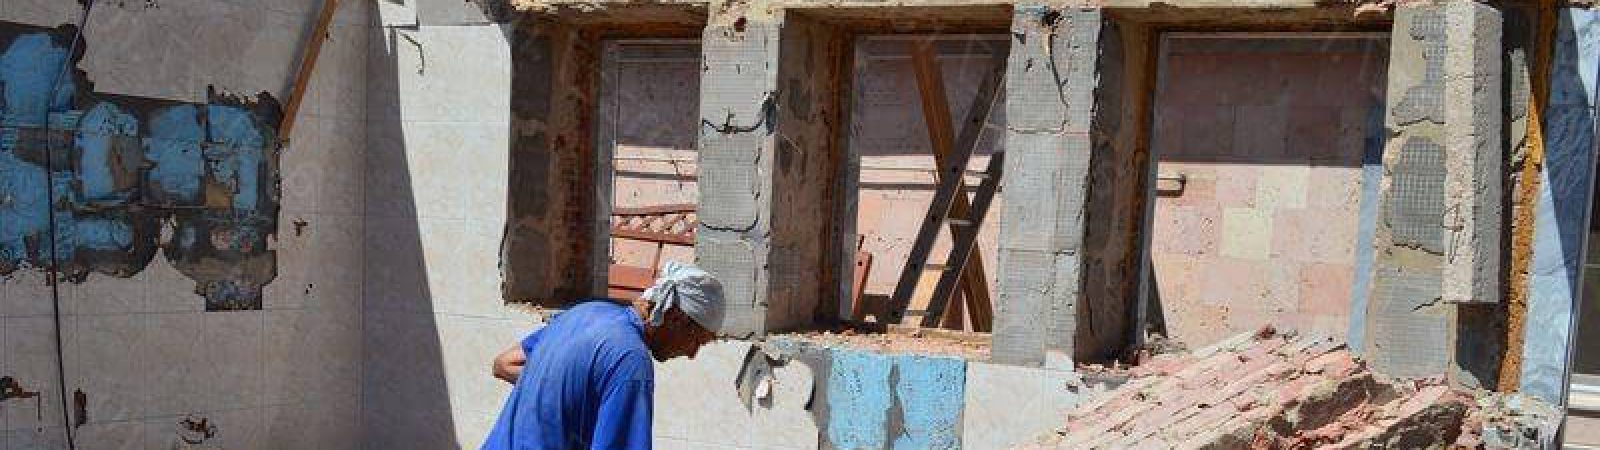 Чи потрiбен дозвіл на знесення приватного будинку